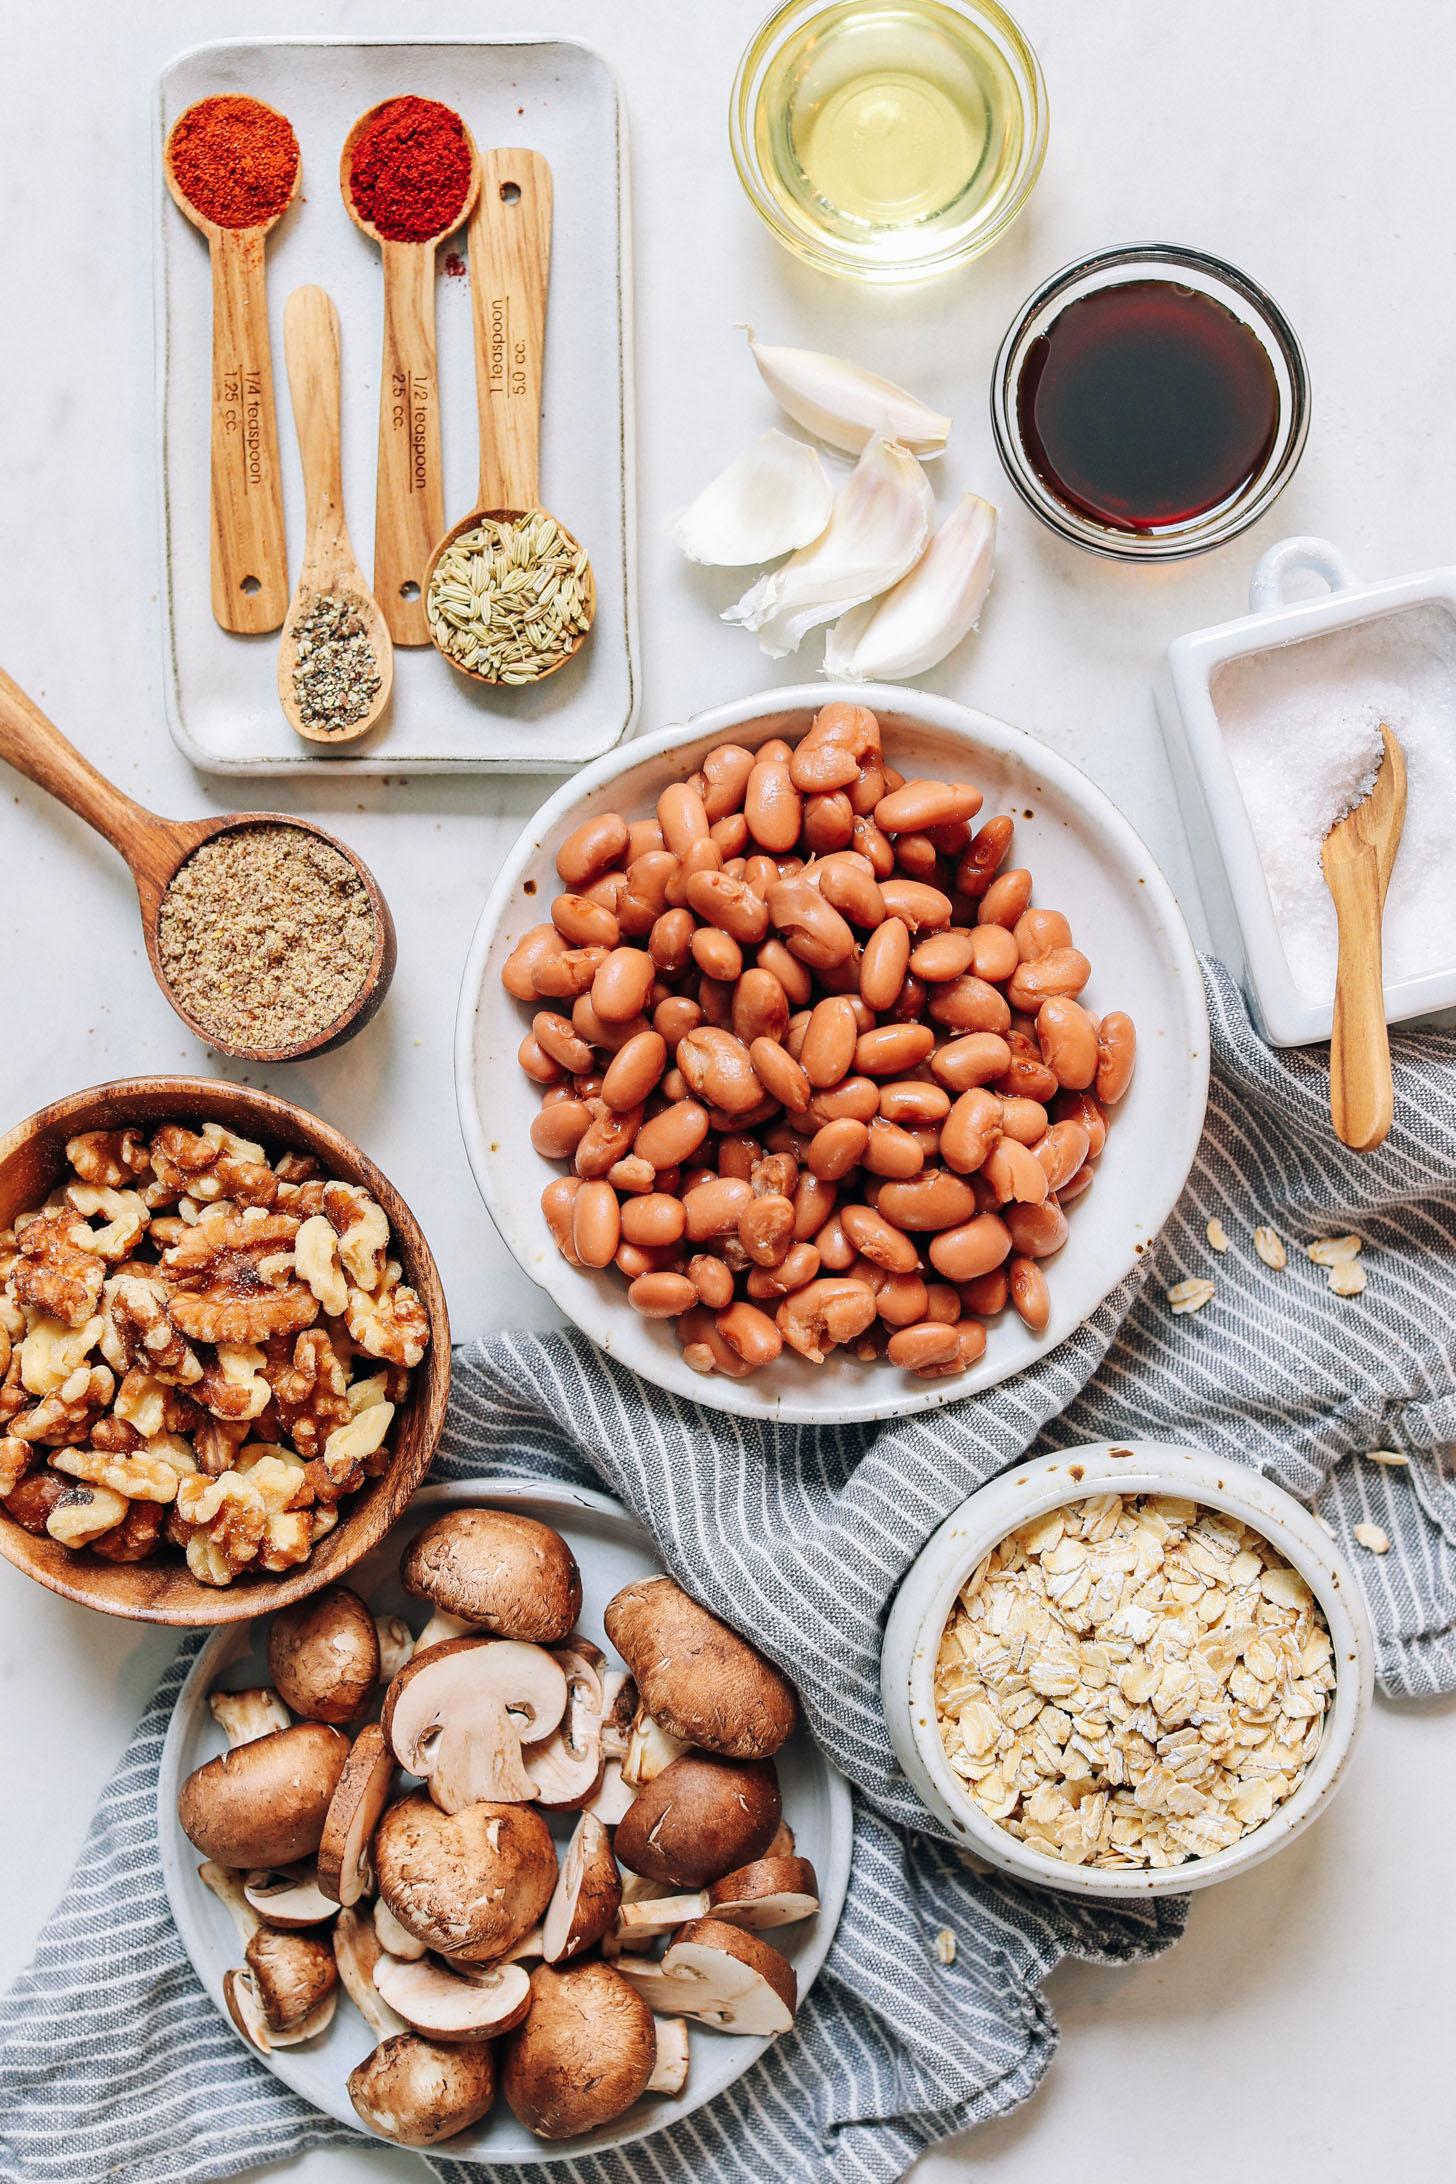 Avoine, champignons, noix, haricots pinto, graines de lin, épices, ail, huile d'avocat, acides aminés de noix de coco et sel